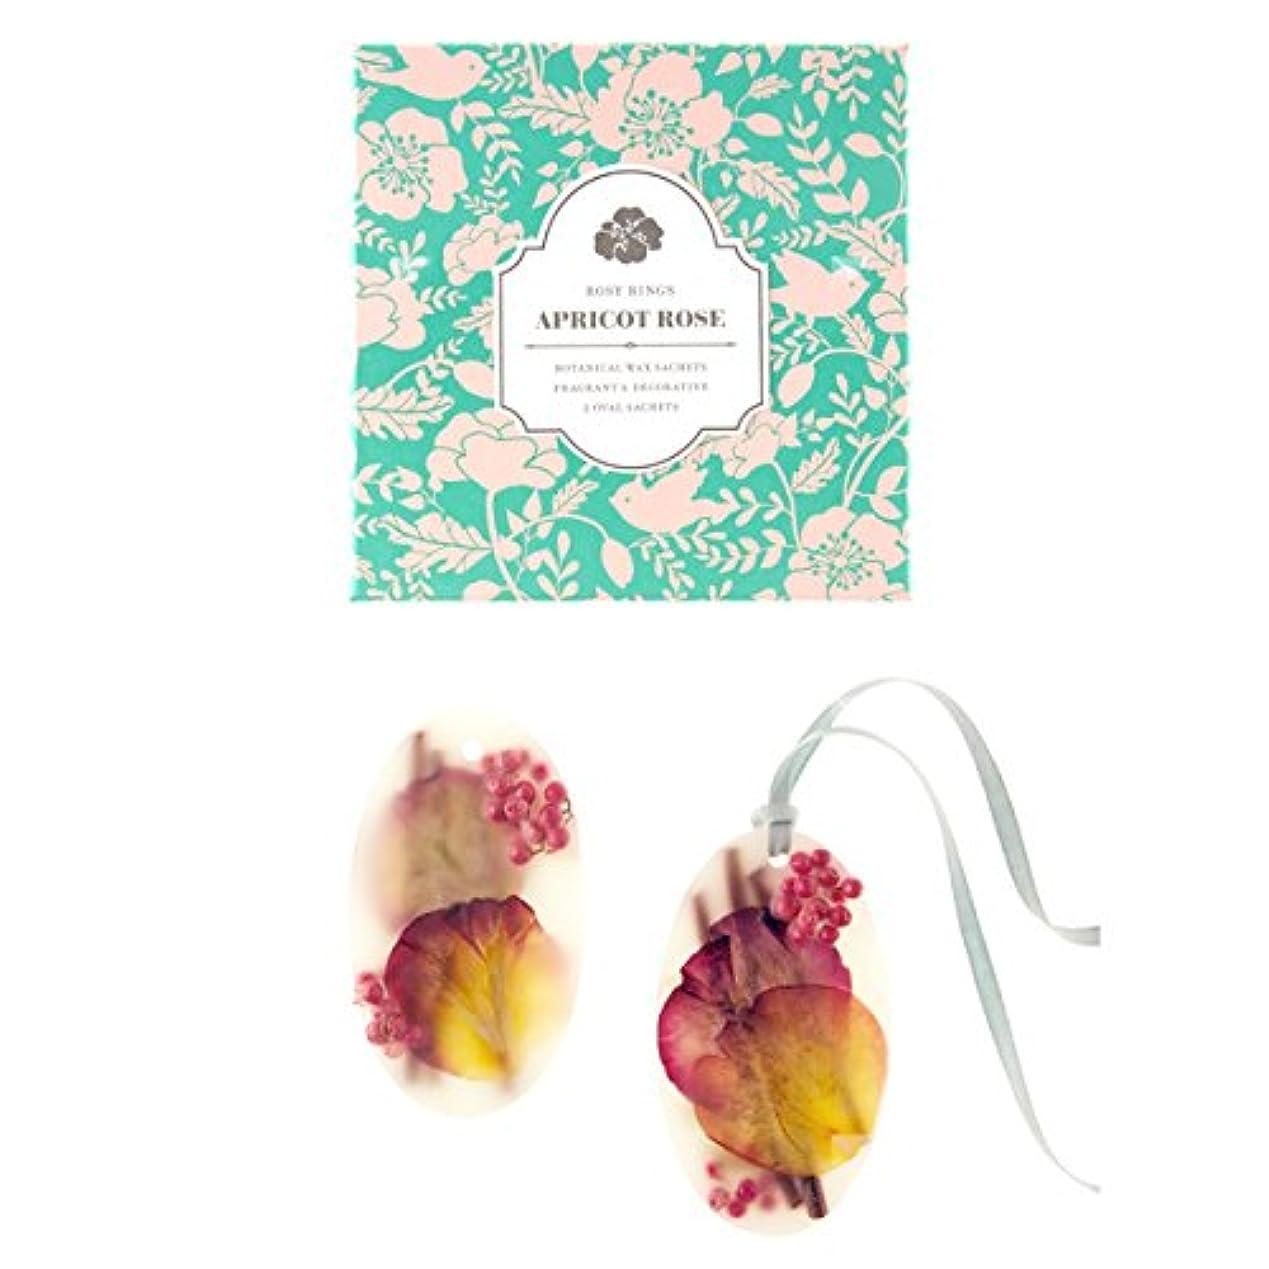 国民ジョリー嫌なロージーリングス ボタニカルワックスサシェ オーバル アプリコット&ローズ ROSY RINGS Signature Collection Botanical Wax Sachets – Apricot Rose